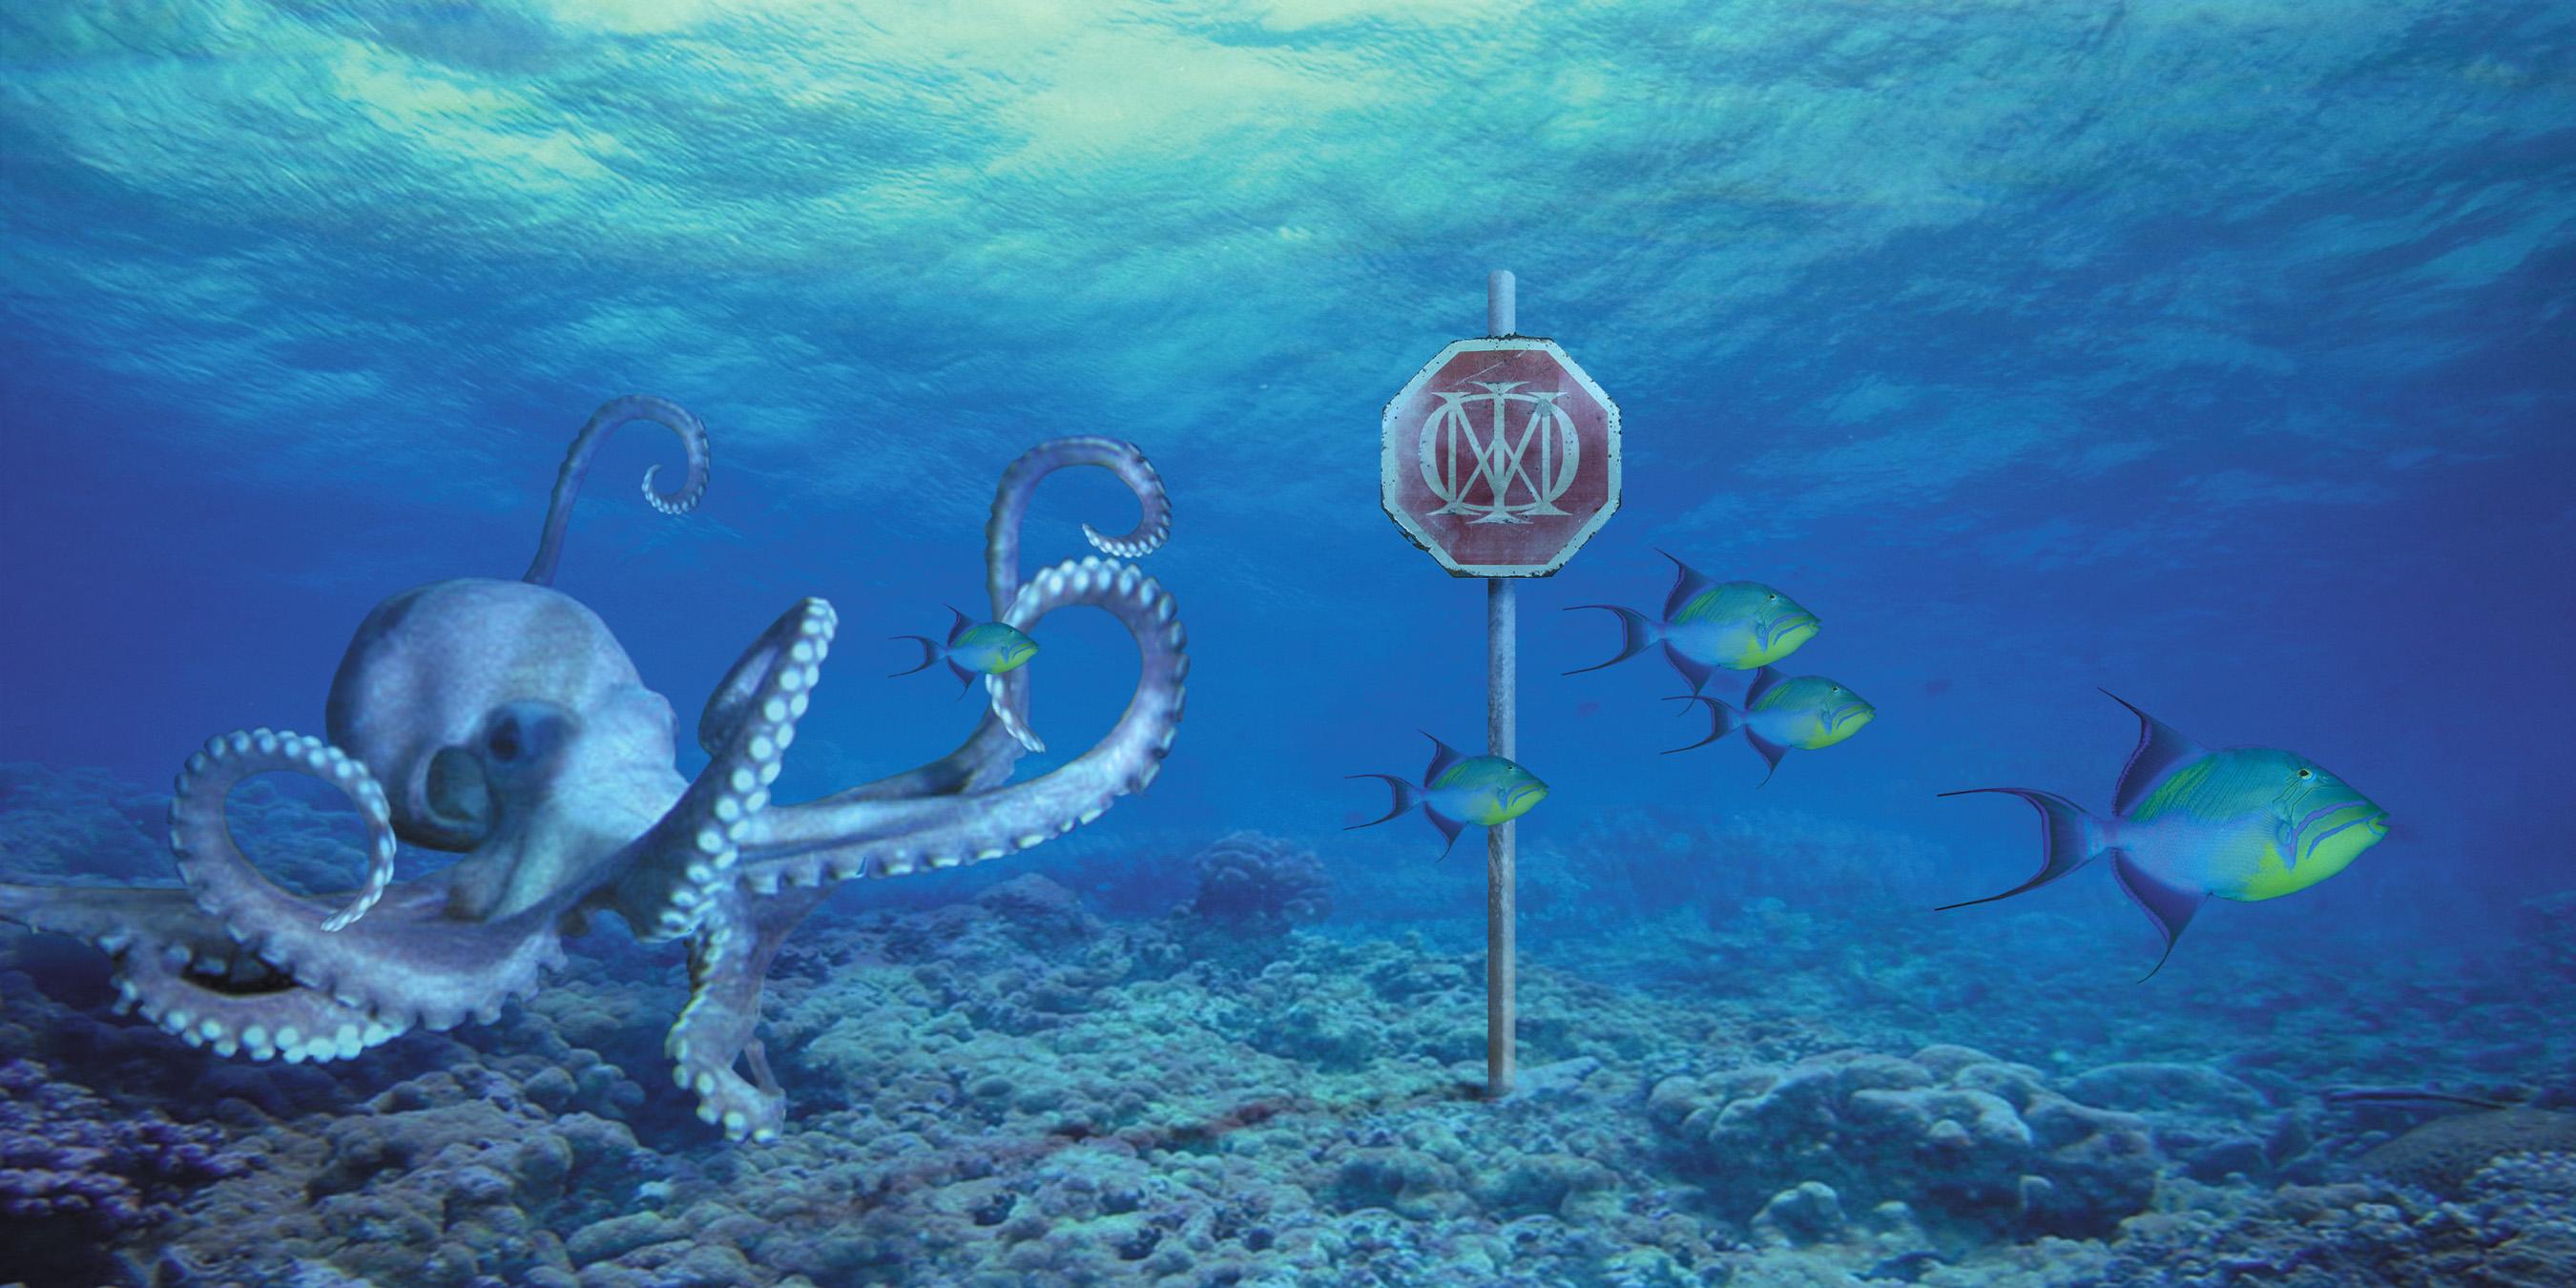 DT - Octopus